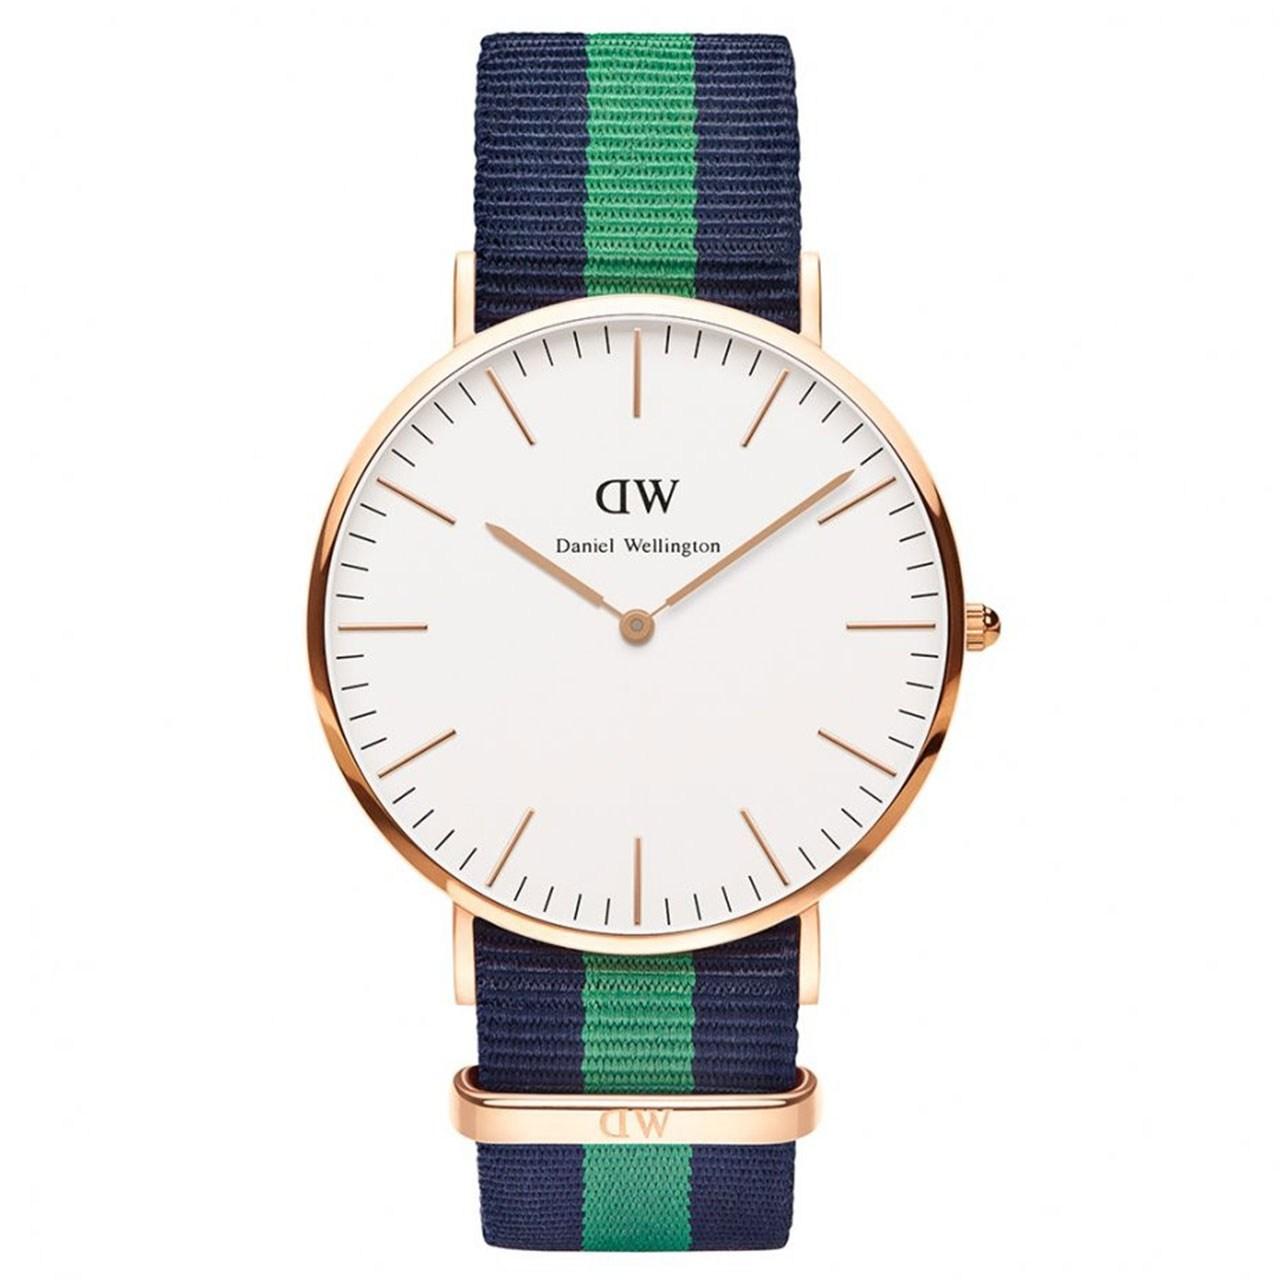 ساعت مچی عقربه ای مردانه دنیل ولینگتون مدل DW00100005              خرید (⭐️⭐️⭐️)